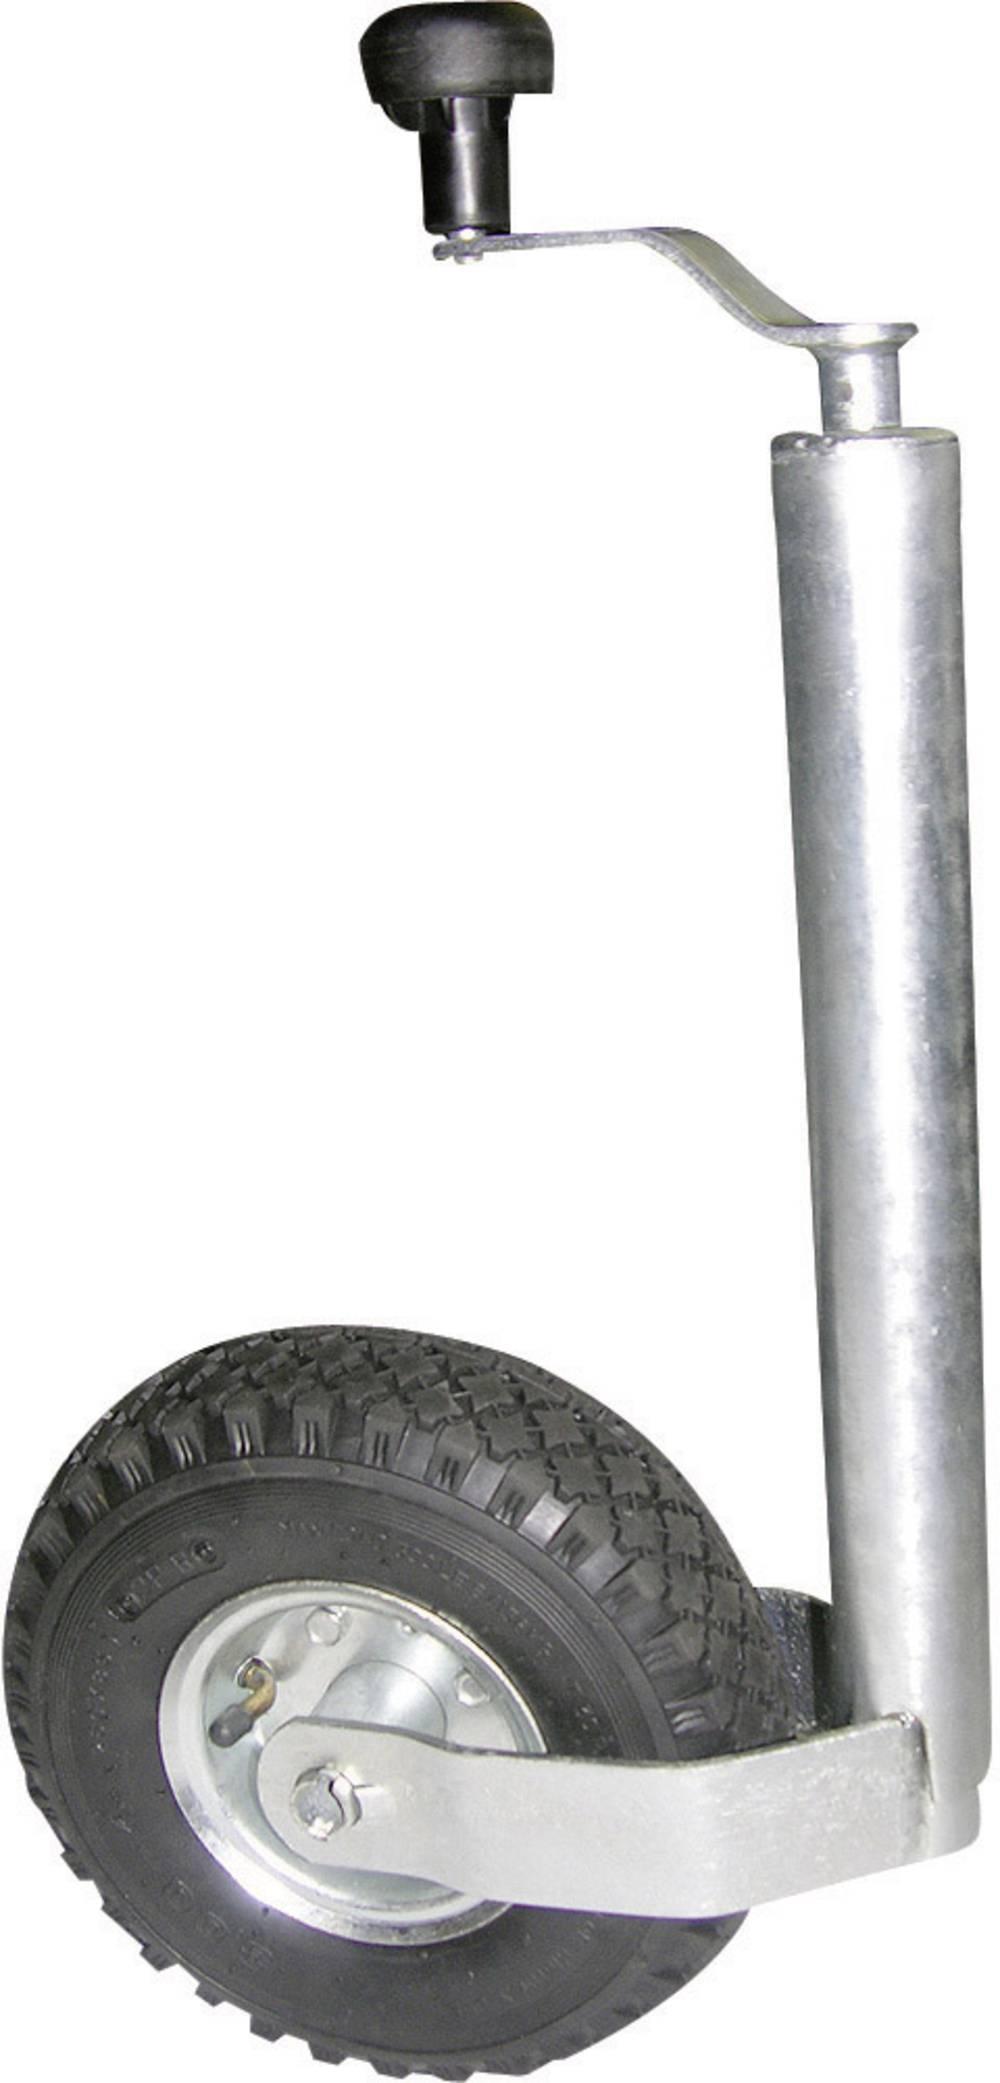 Anhænger-støttehjul LAS 10616 48 mm Luftdæk